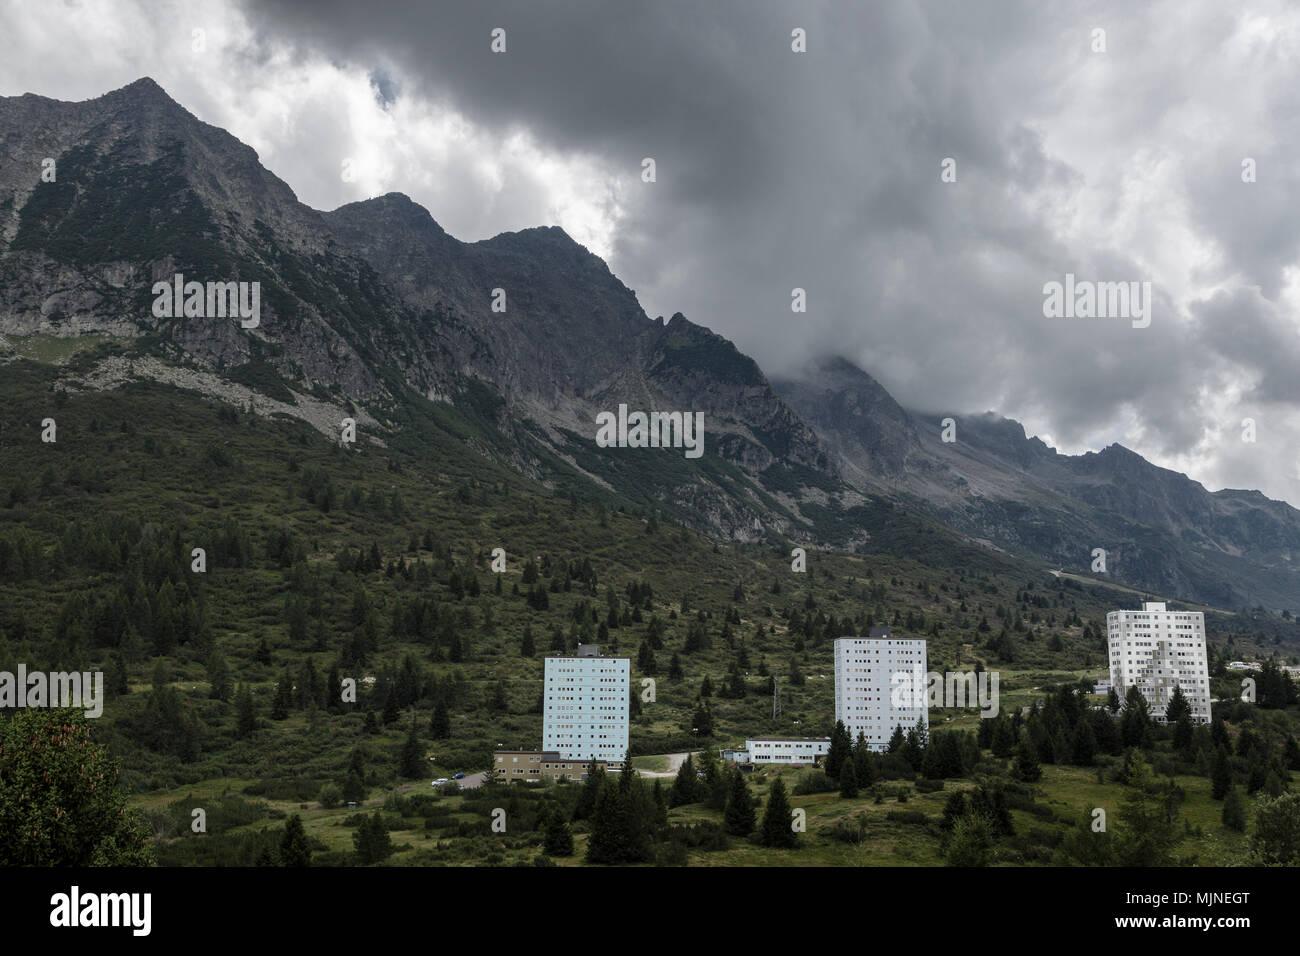 El complejo de esquí italiano de Tonale buscando sombría en el off-season. Imagen De Stock